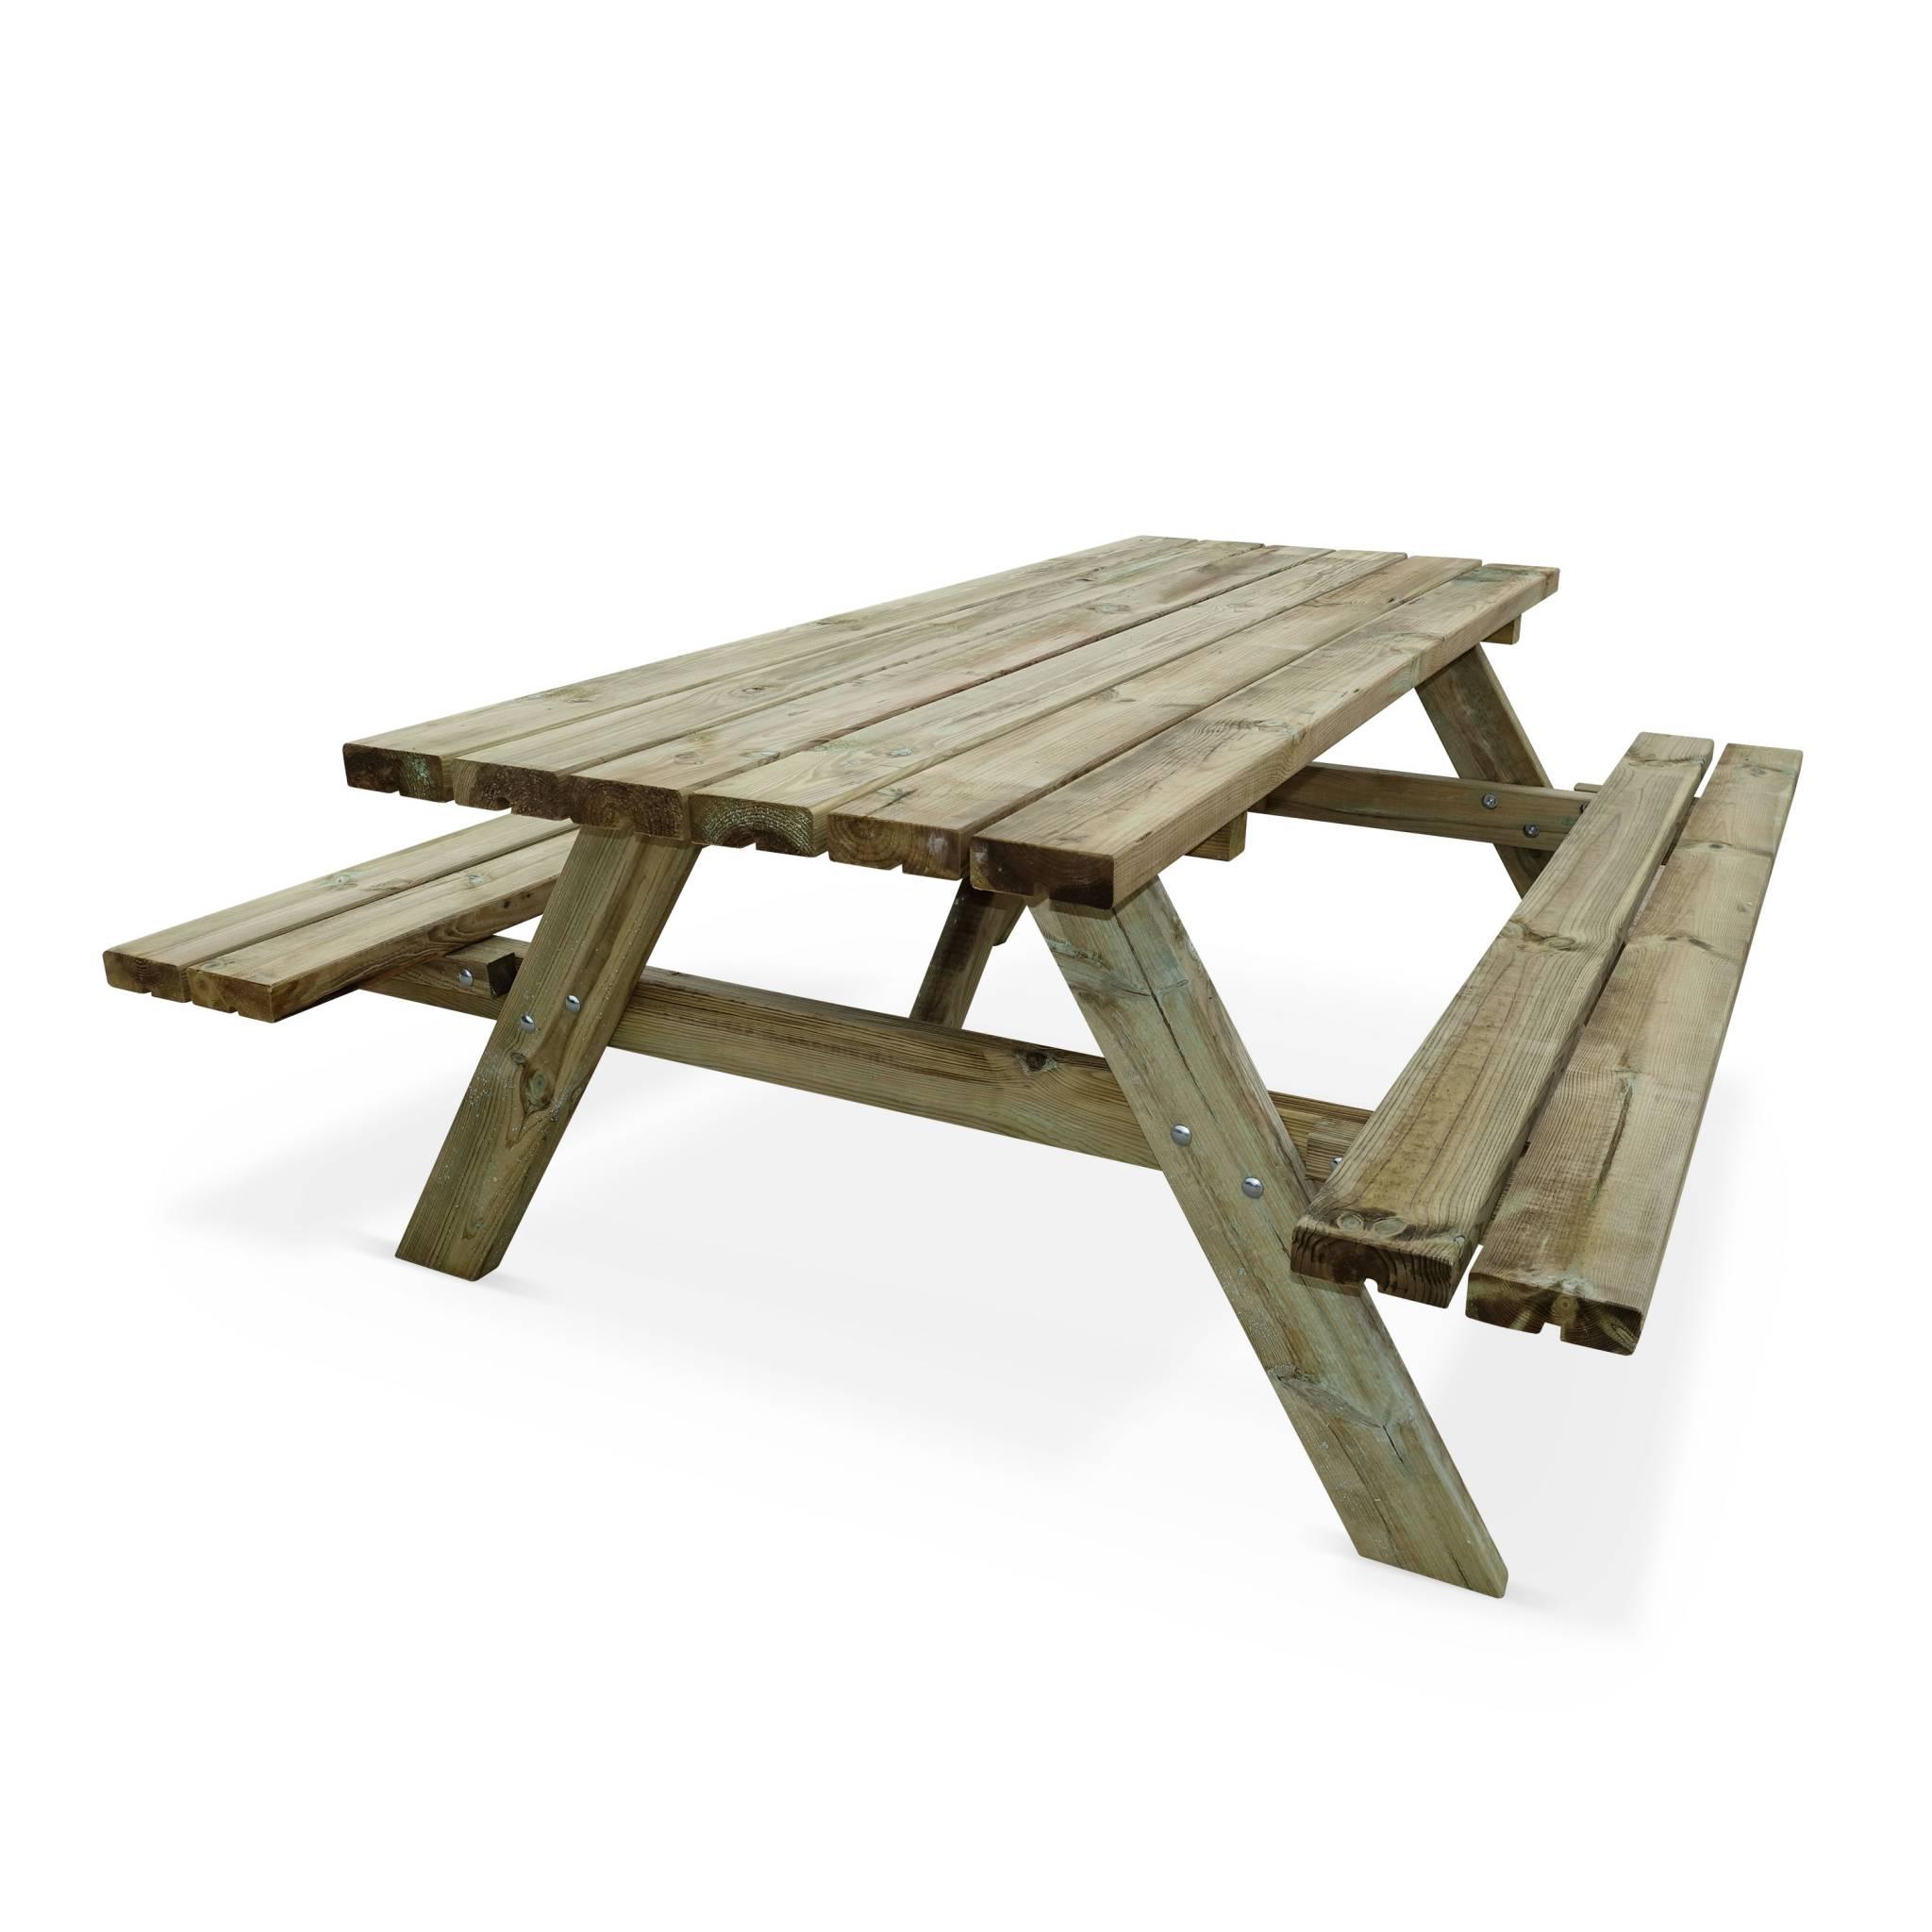 Table de pique nique rectangulaire avec bancs rabattables 6 places